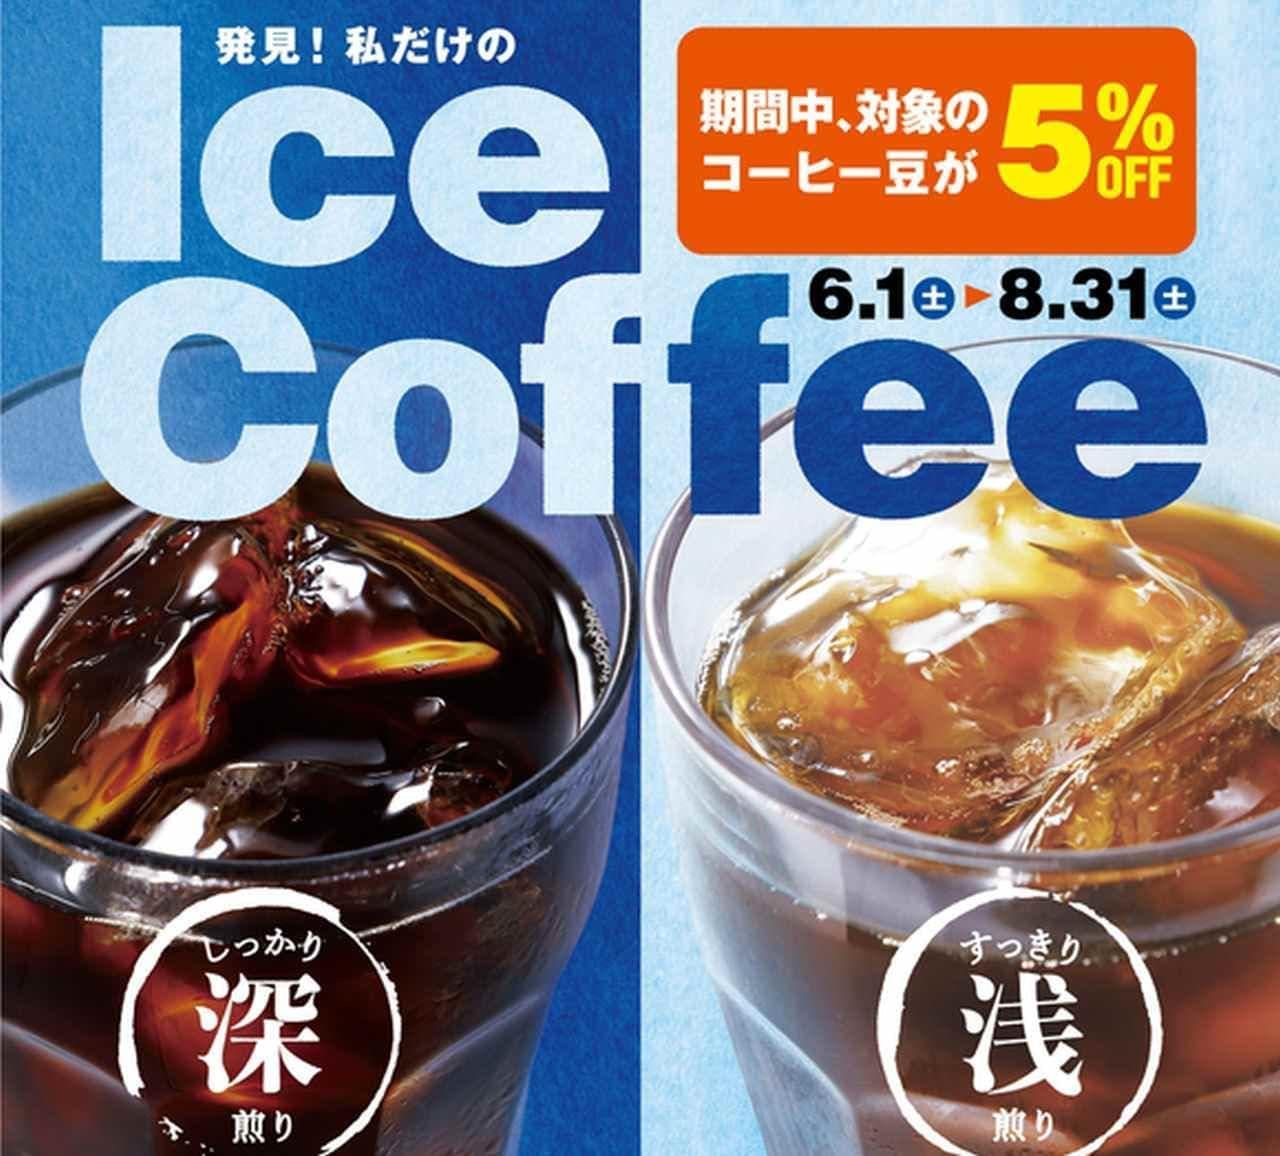 カルディ「アイスコーヒーキャンペーン」